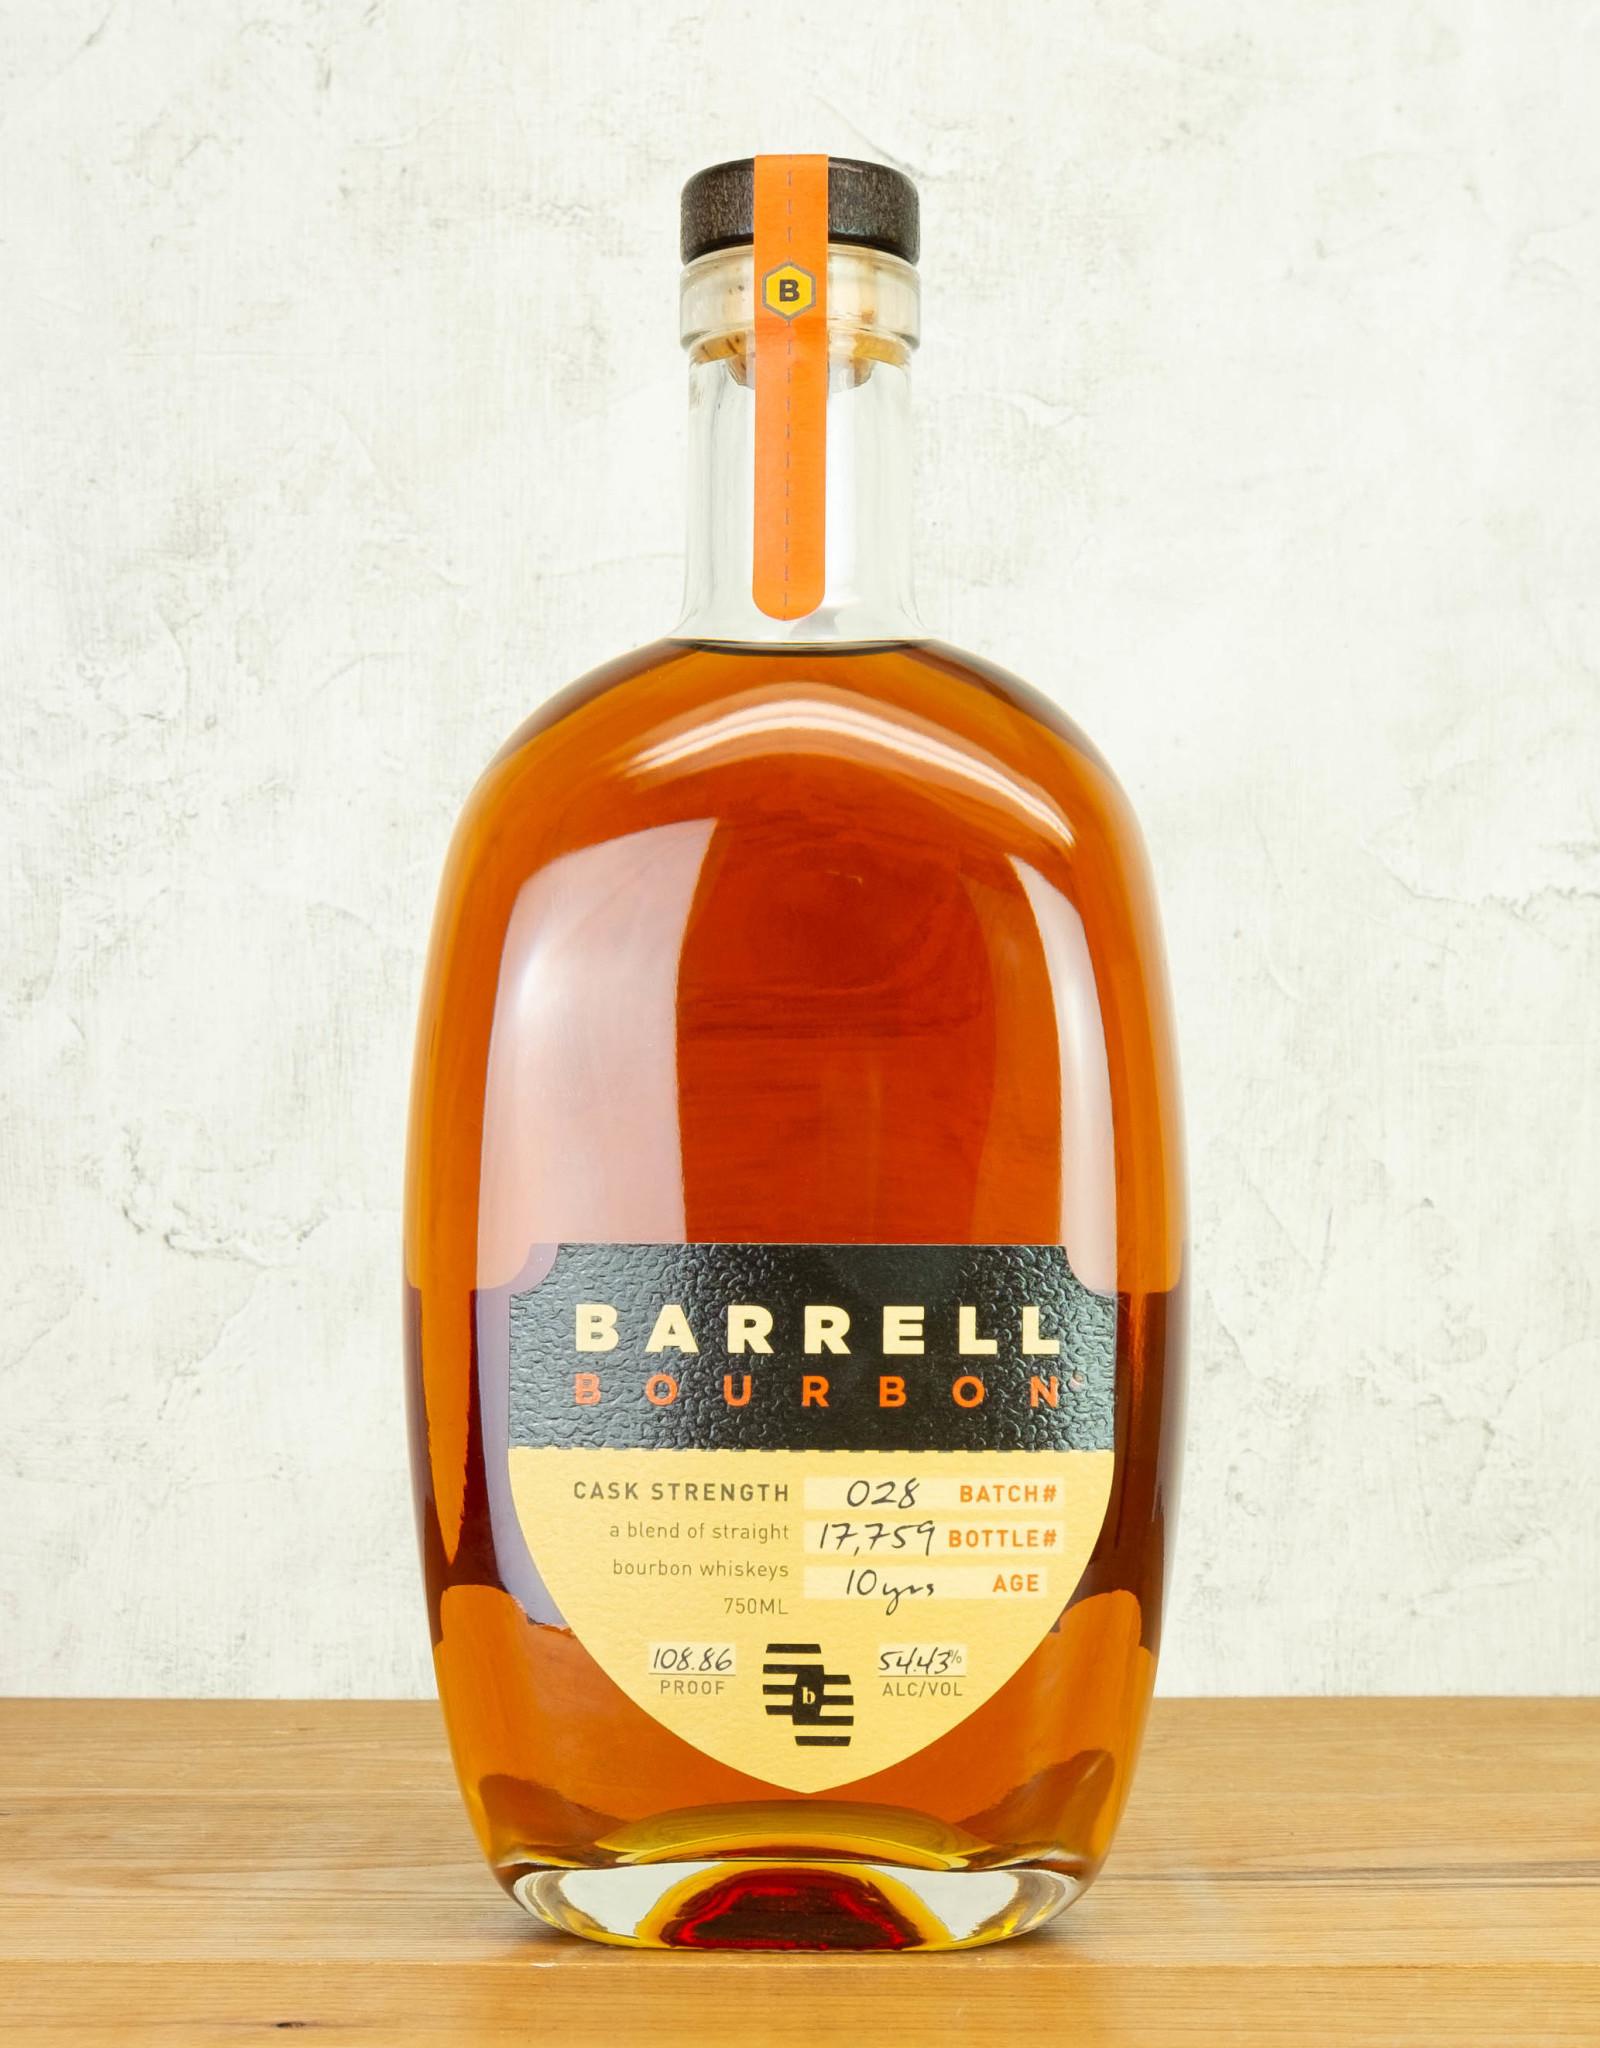 Barrell Bourbon Cask Strength Batch 30